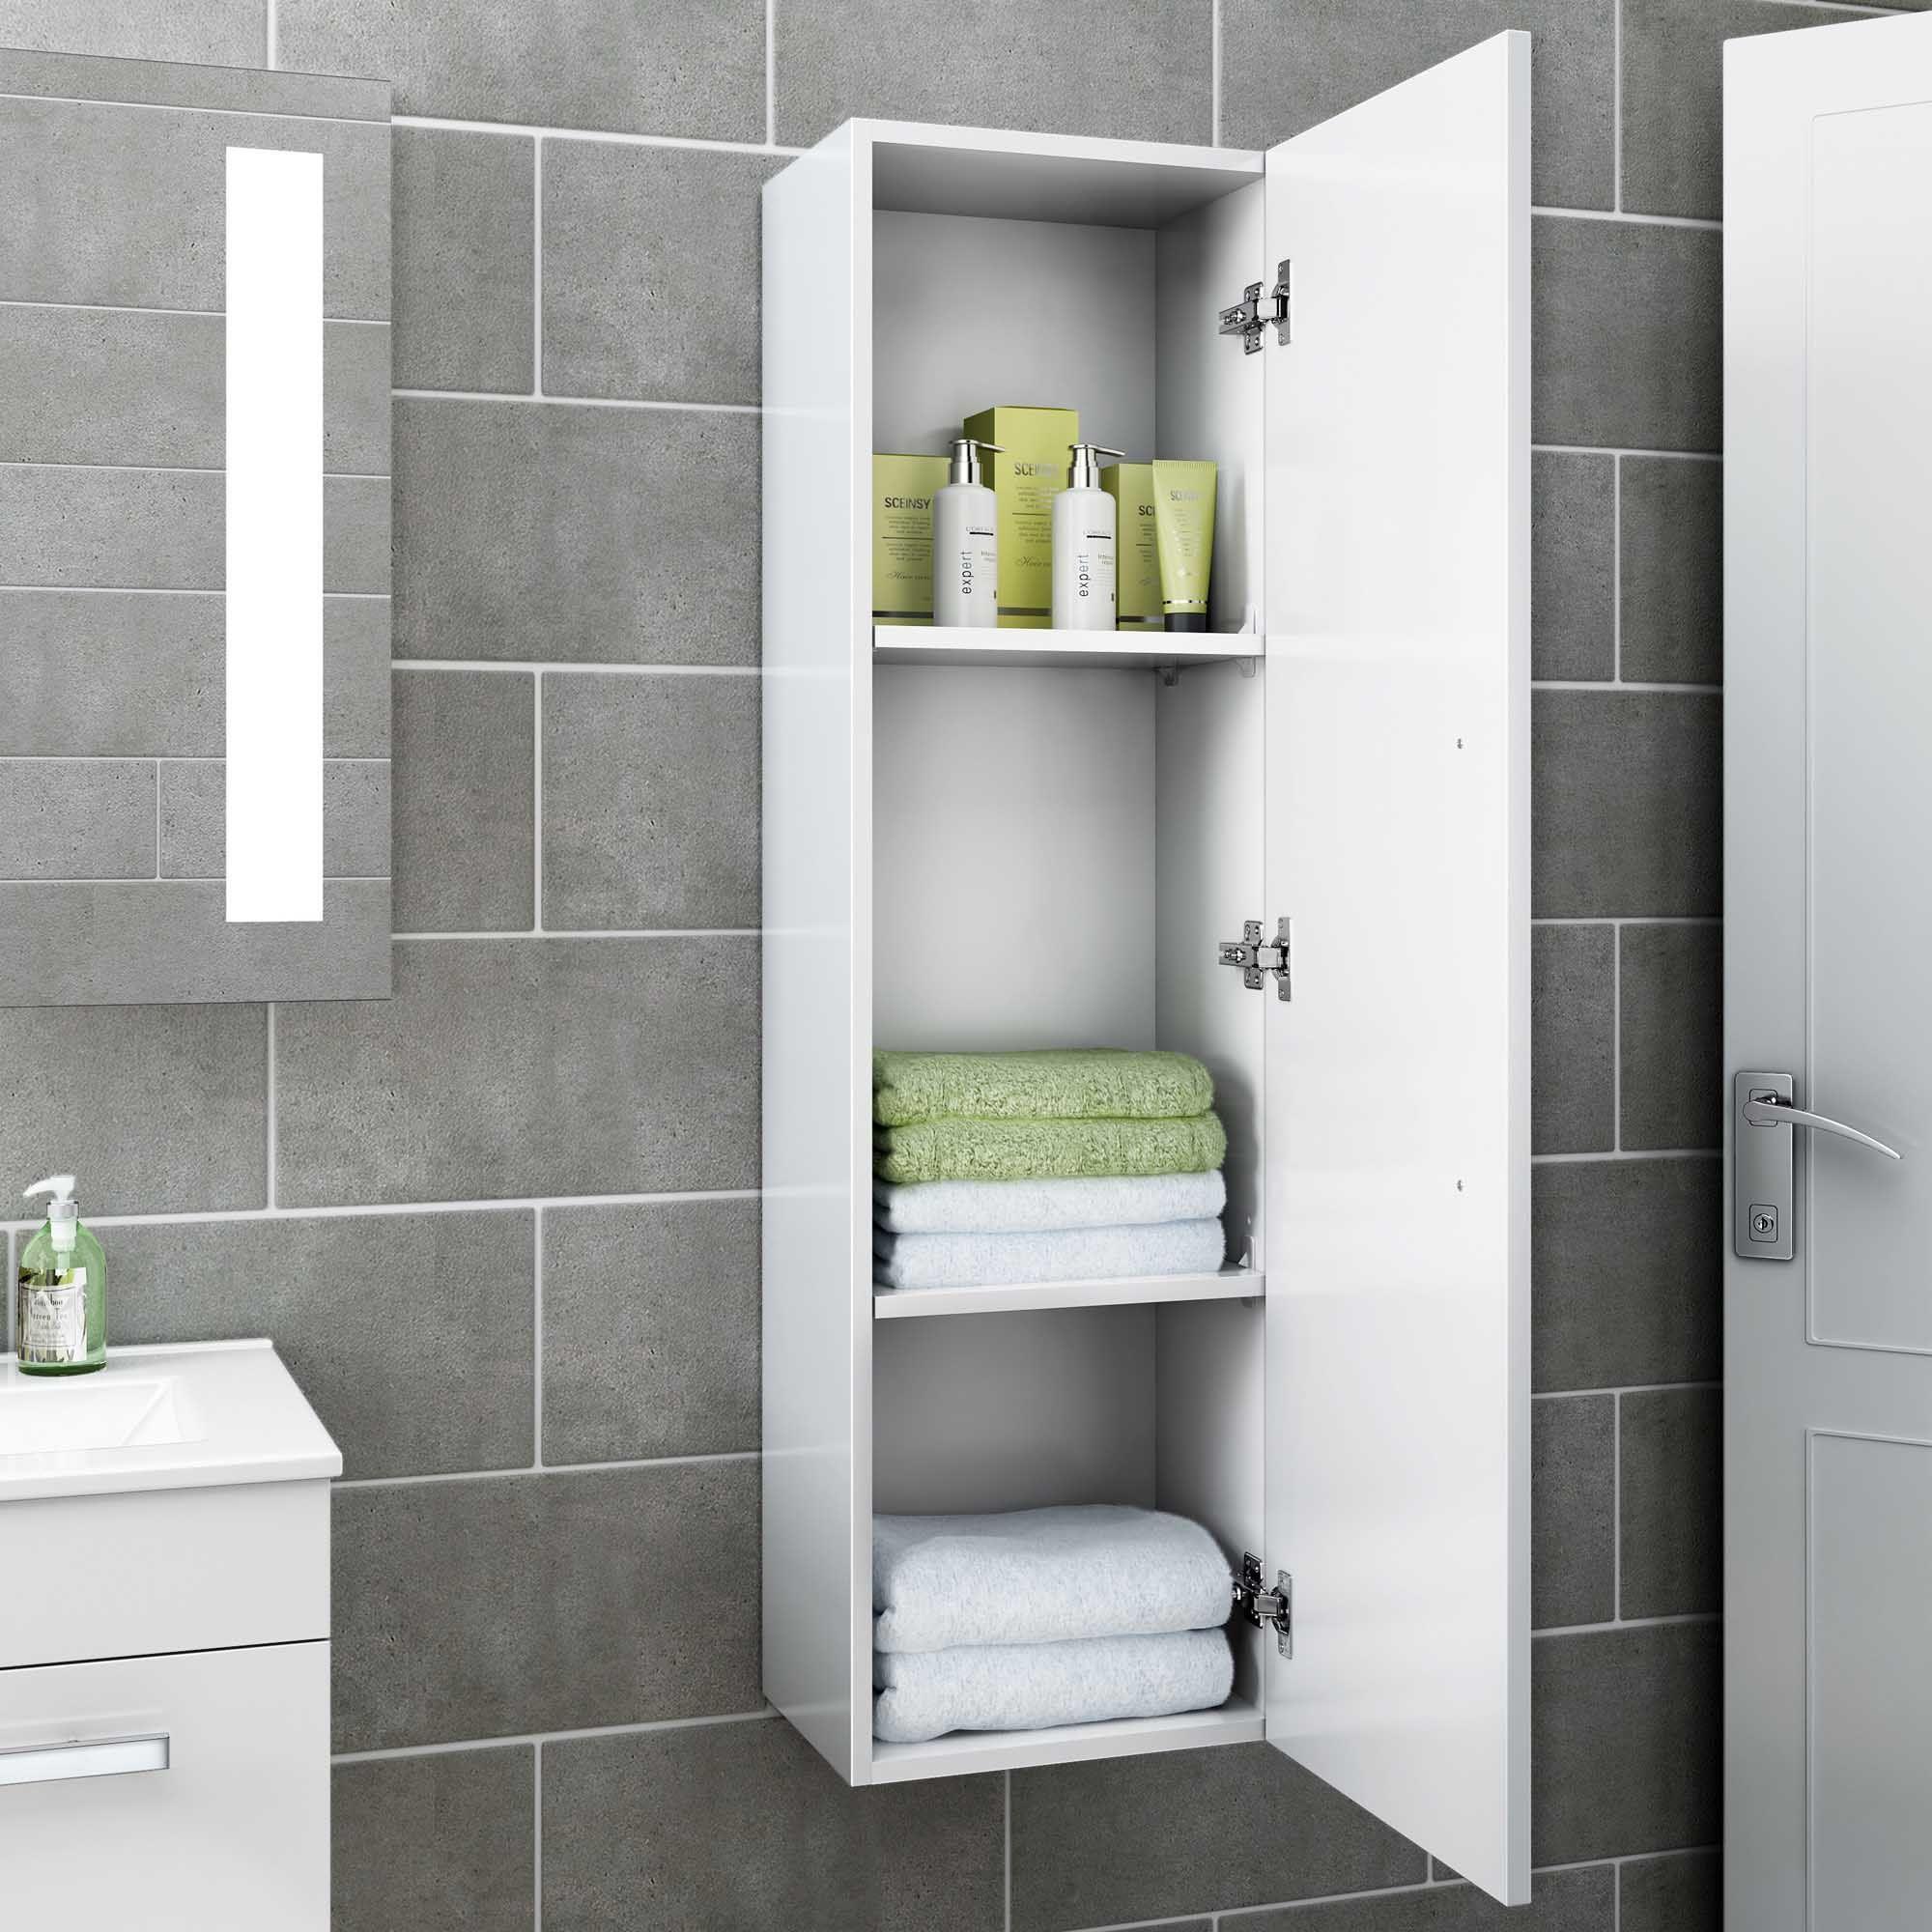 1200mm Avon Gloss White Tall Storage Cabinet Wall Hung Soak Com Trucs Et Astuces Maison Salle De Douche Astuces Maison [ 2000 x 2000 Pixel ]